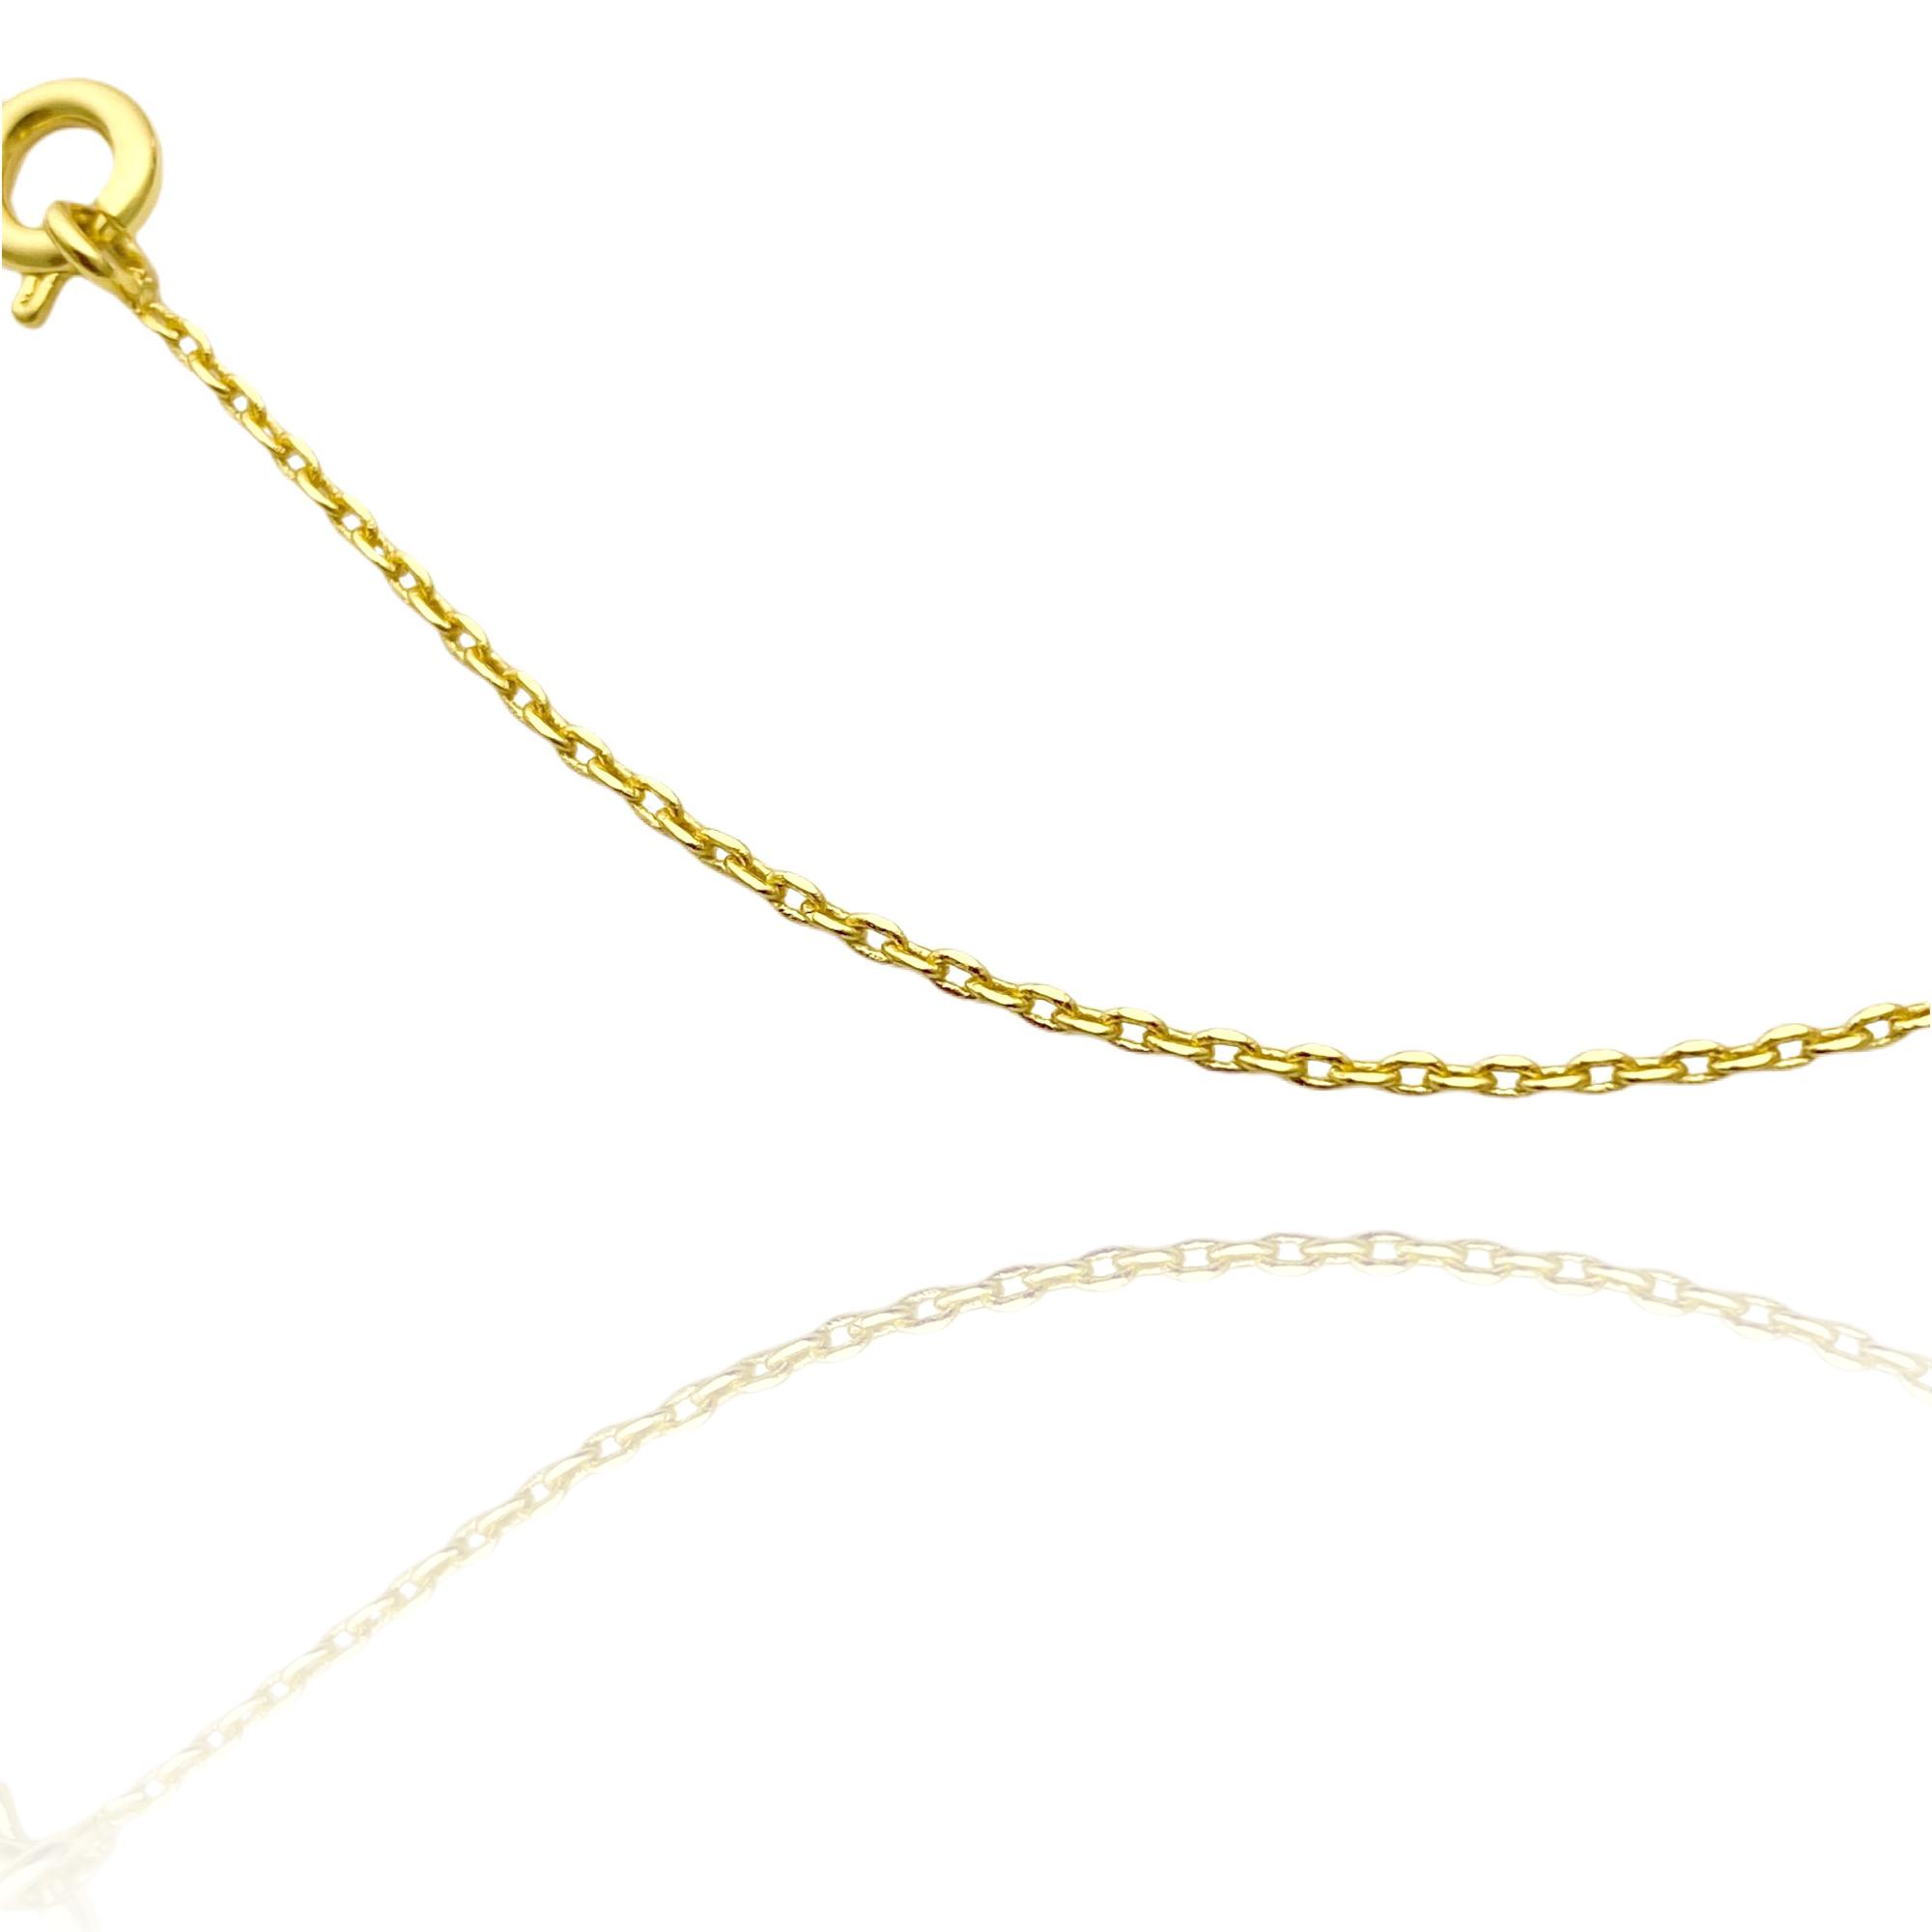 Corrente Carrier Cadeado 1,2mm 60cm (Fecho Tradicional) (Banho Ouro 24K)